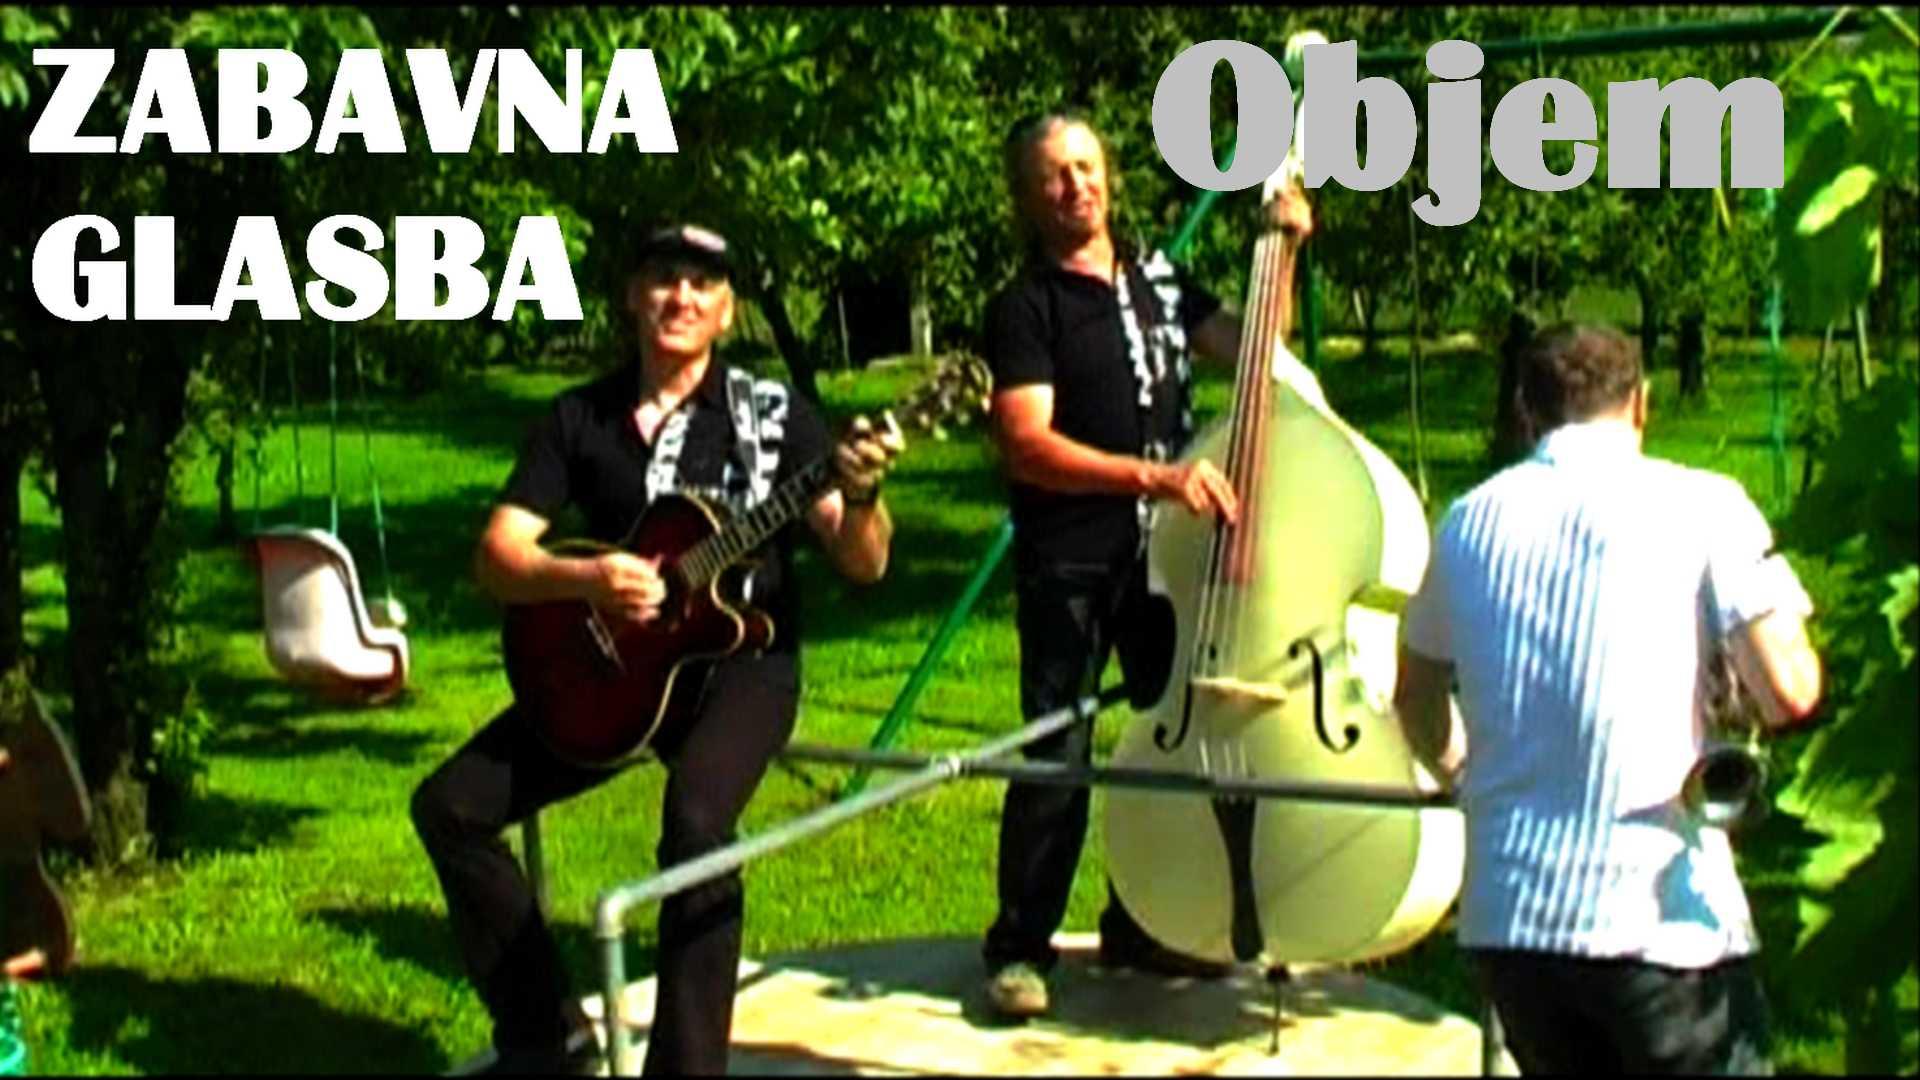 Zabavna glasba zabavne pesmi najboljša slovenska glasba